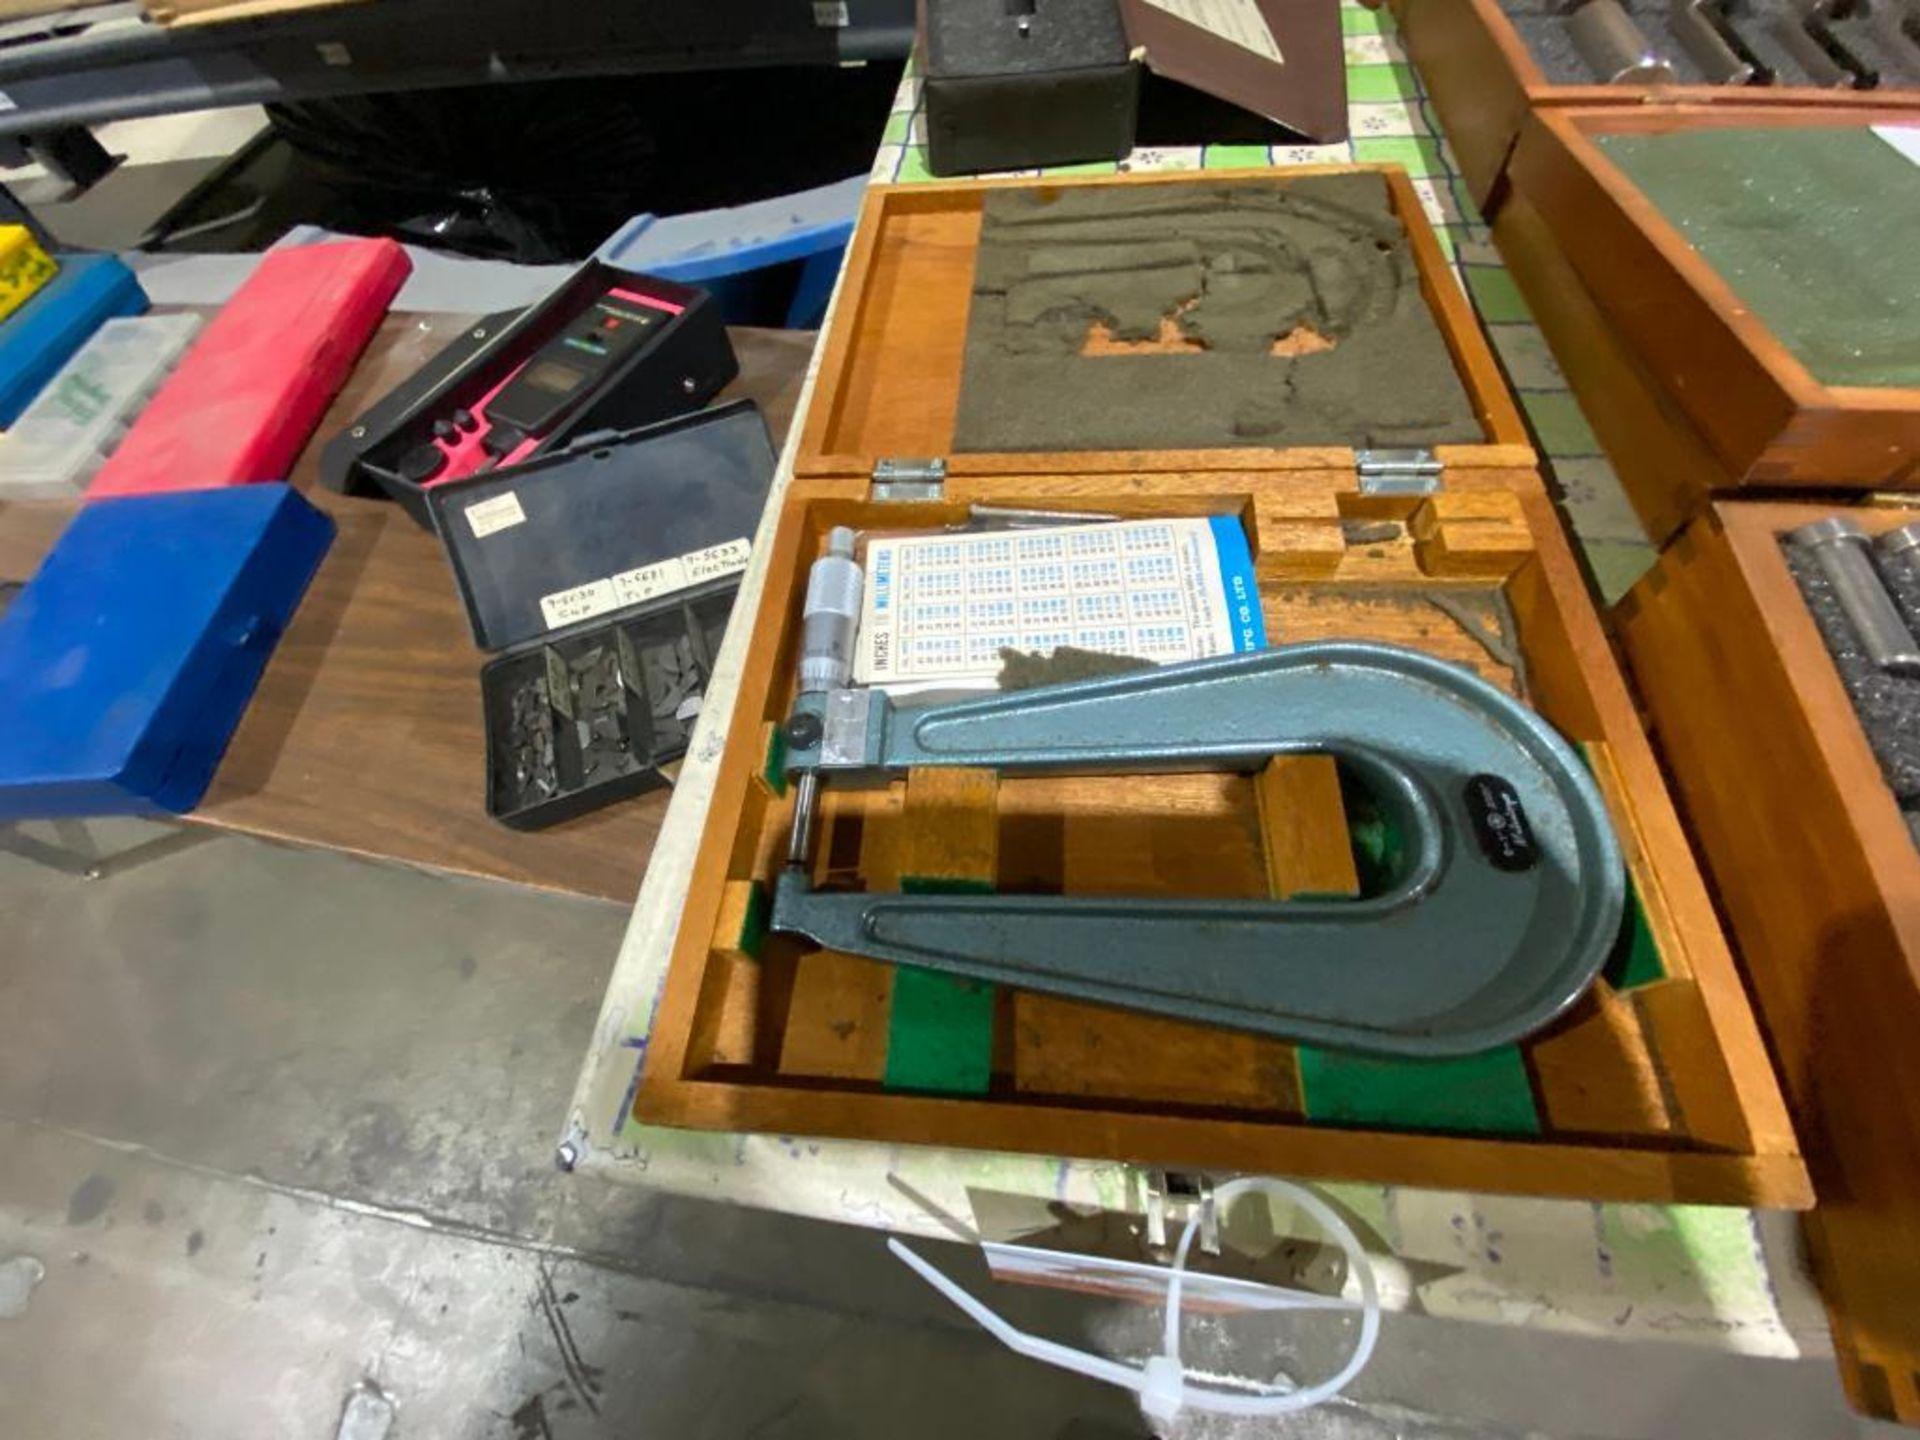 Mitutoyo analog micrometer